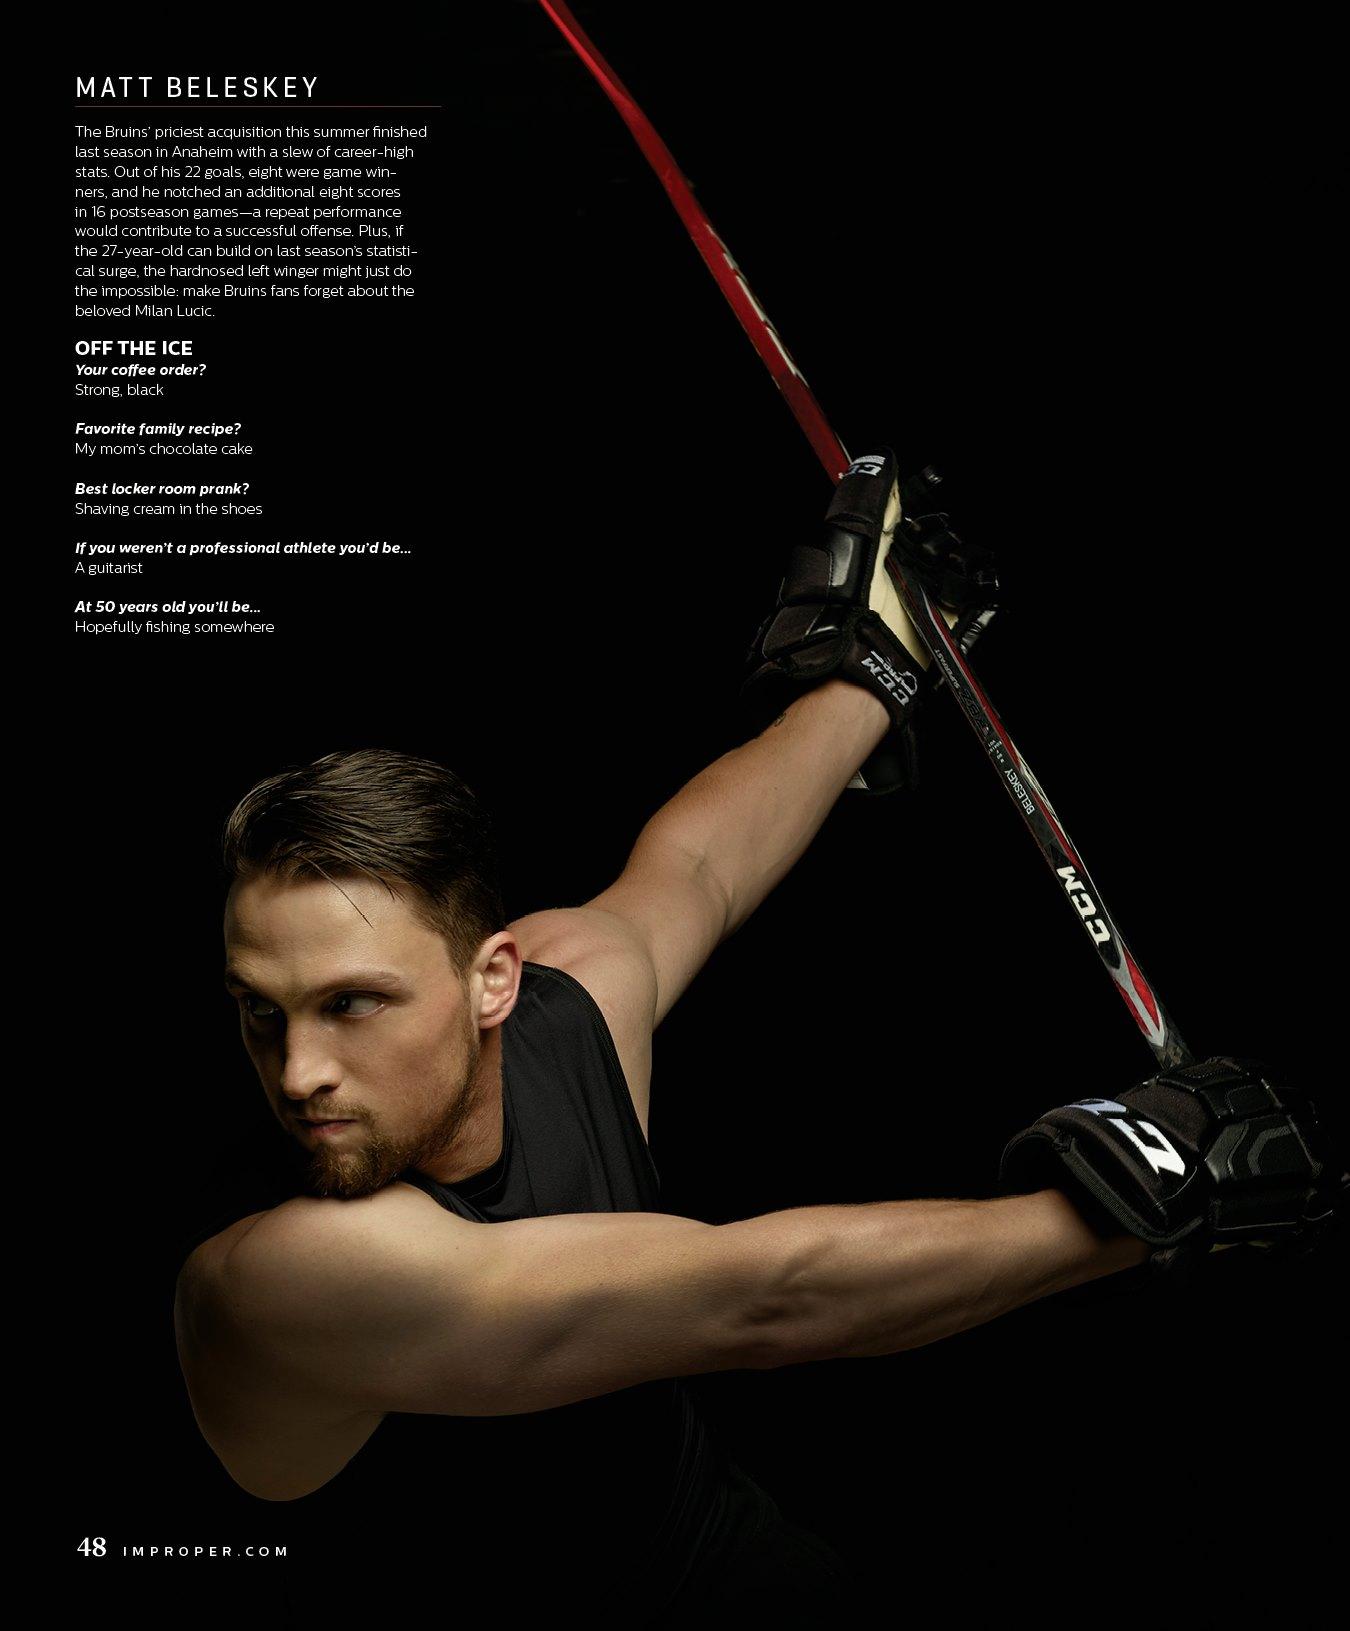 Matt-Beleskey-Bruins